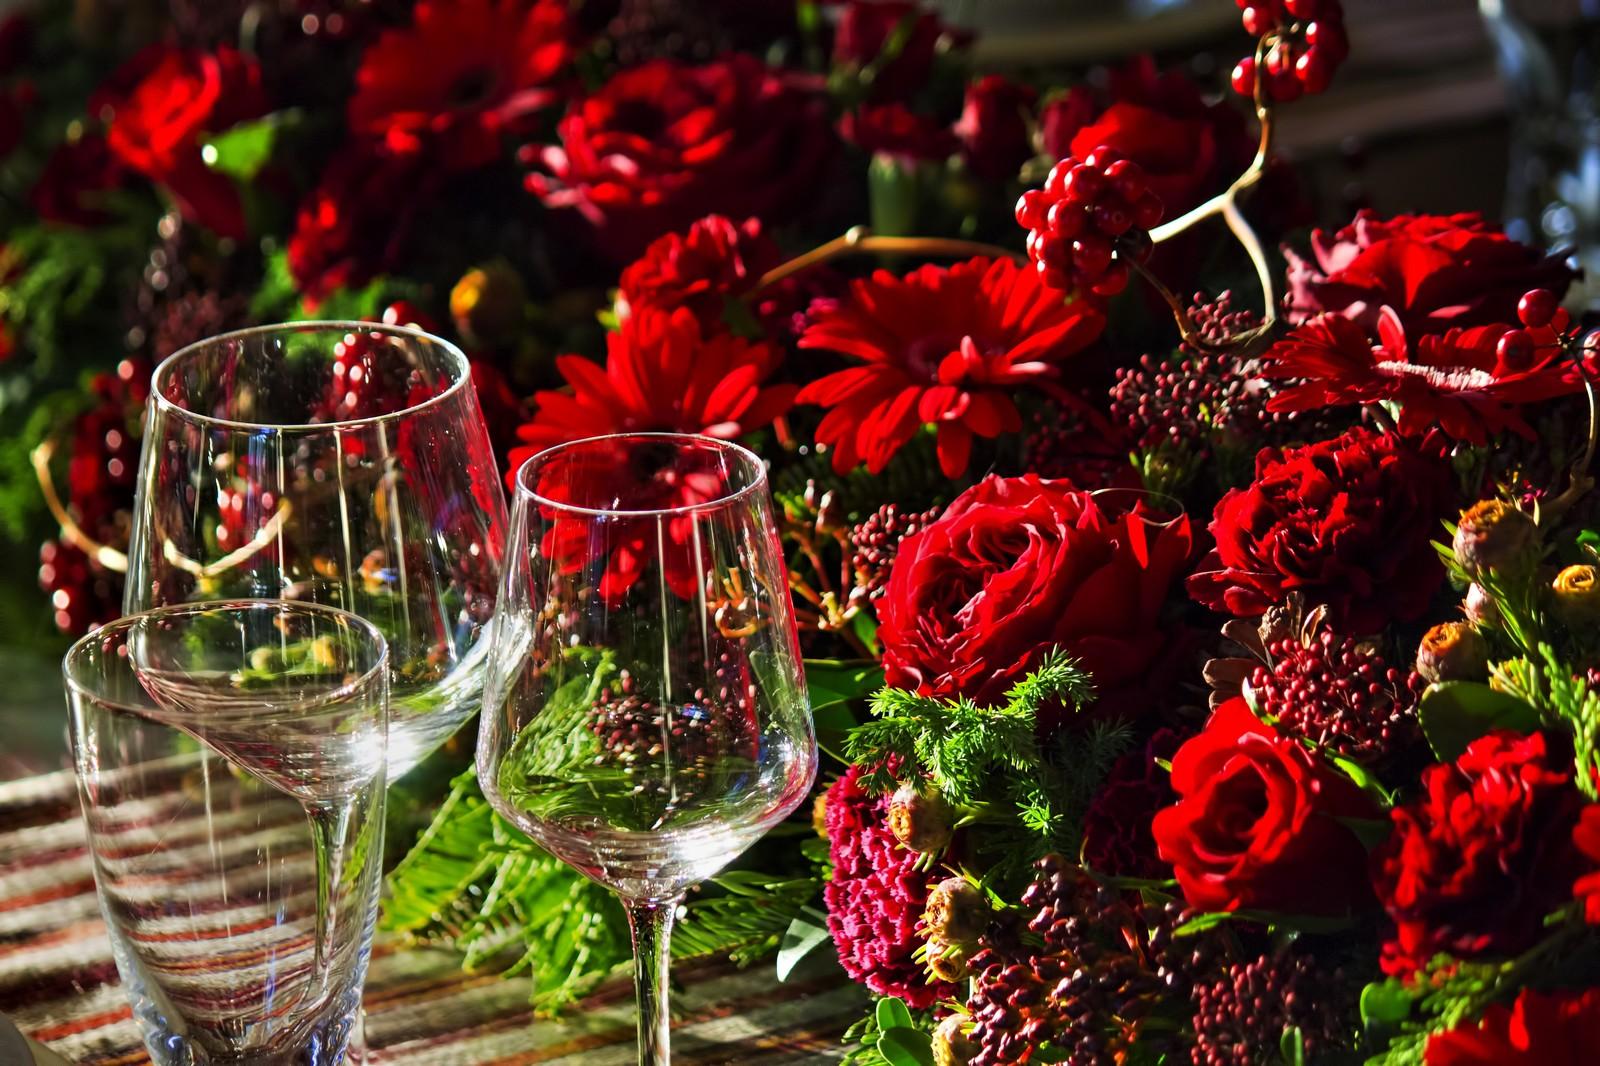 記念日などの贈り物に。おすすめのおしゃれなワイングラスをご紹介のサムネイル画像